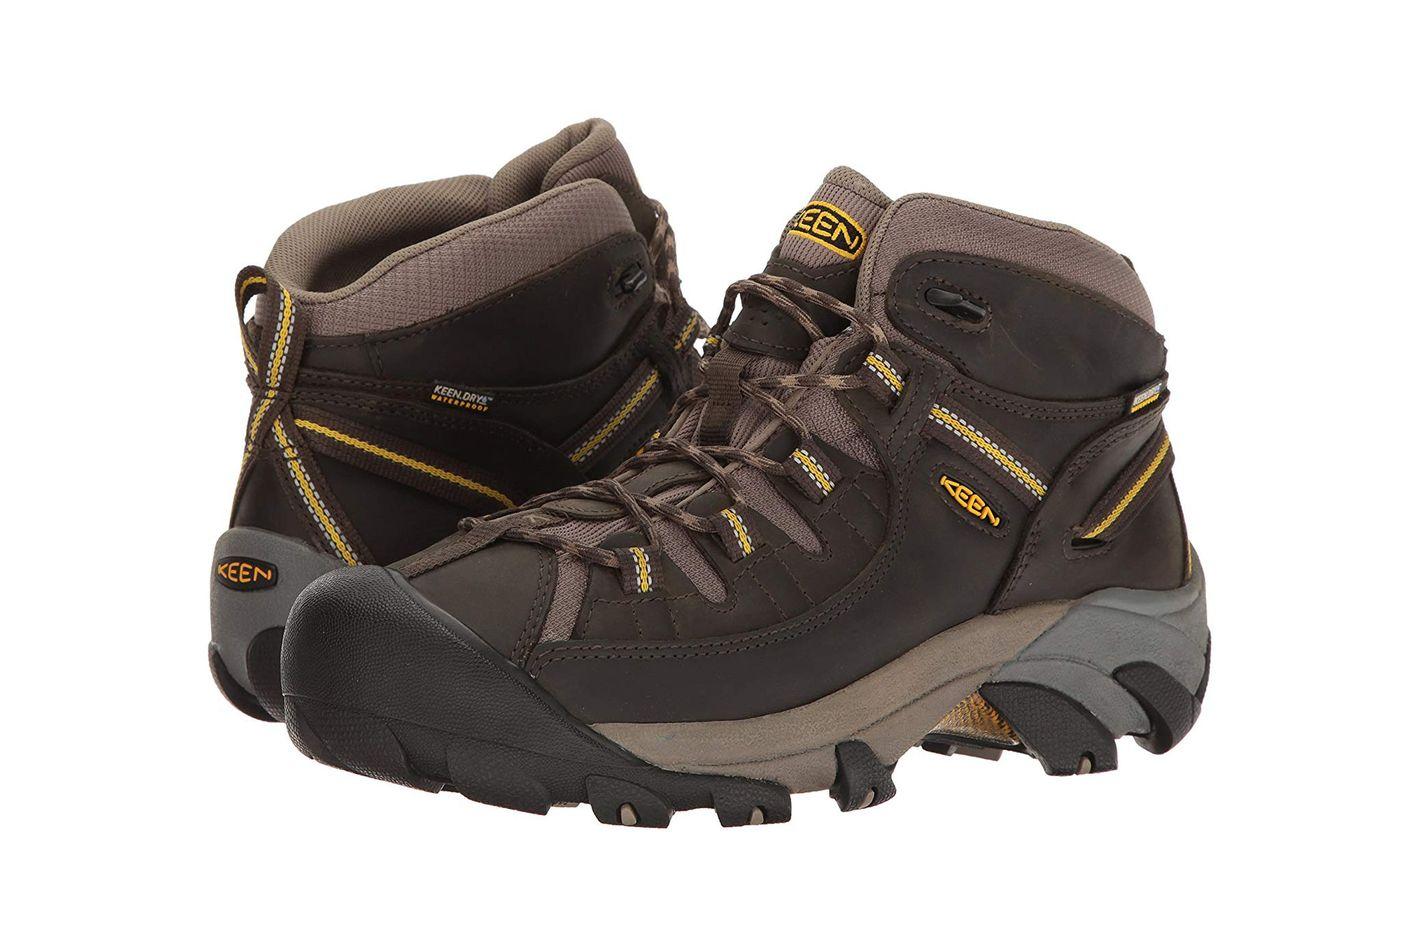 edf04a9005 KEEN Men s Targhee II Mid Wide Hiking Shoe